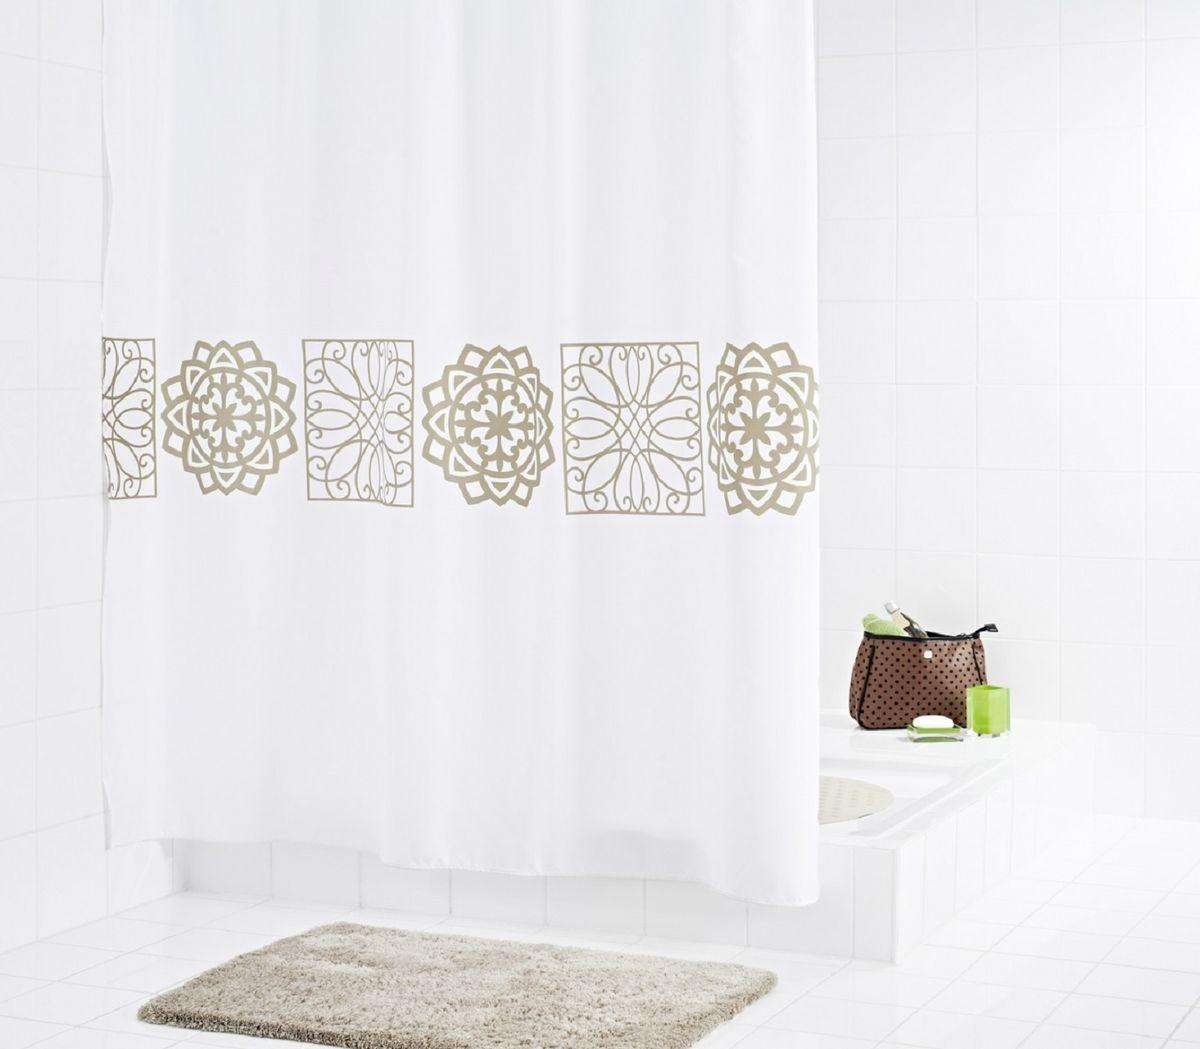 Штора для ванной комнаты Ridder Tunis, цвет: бежевый, коричневый, 180 х 200 см штора для ванной комнаты ridder helgoland цвет синий голубой 240 х 180 см